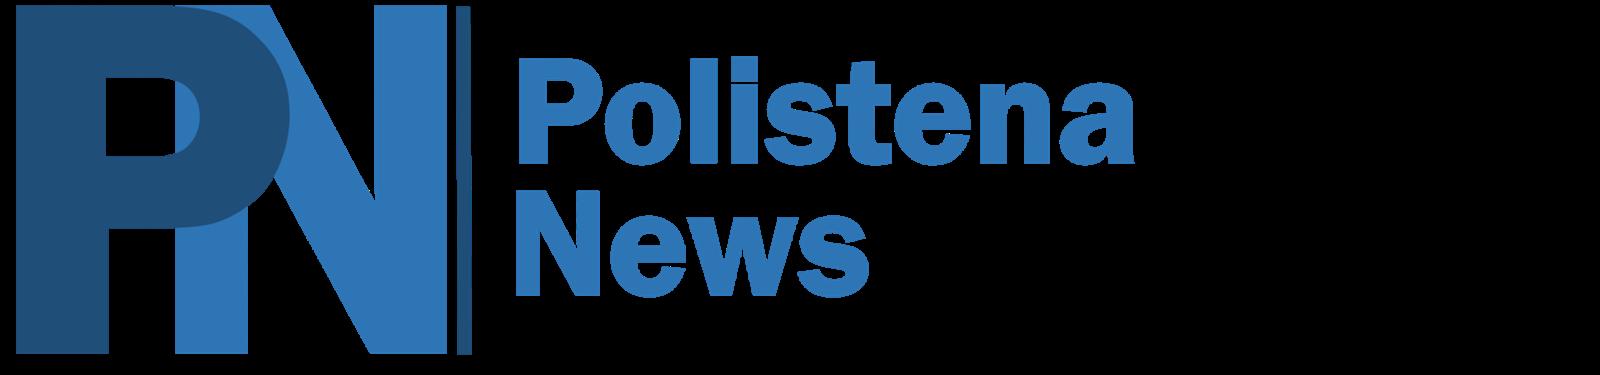 Polistena News